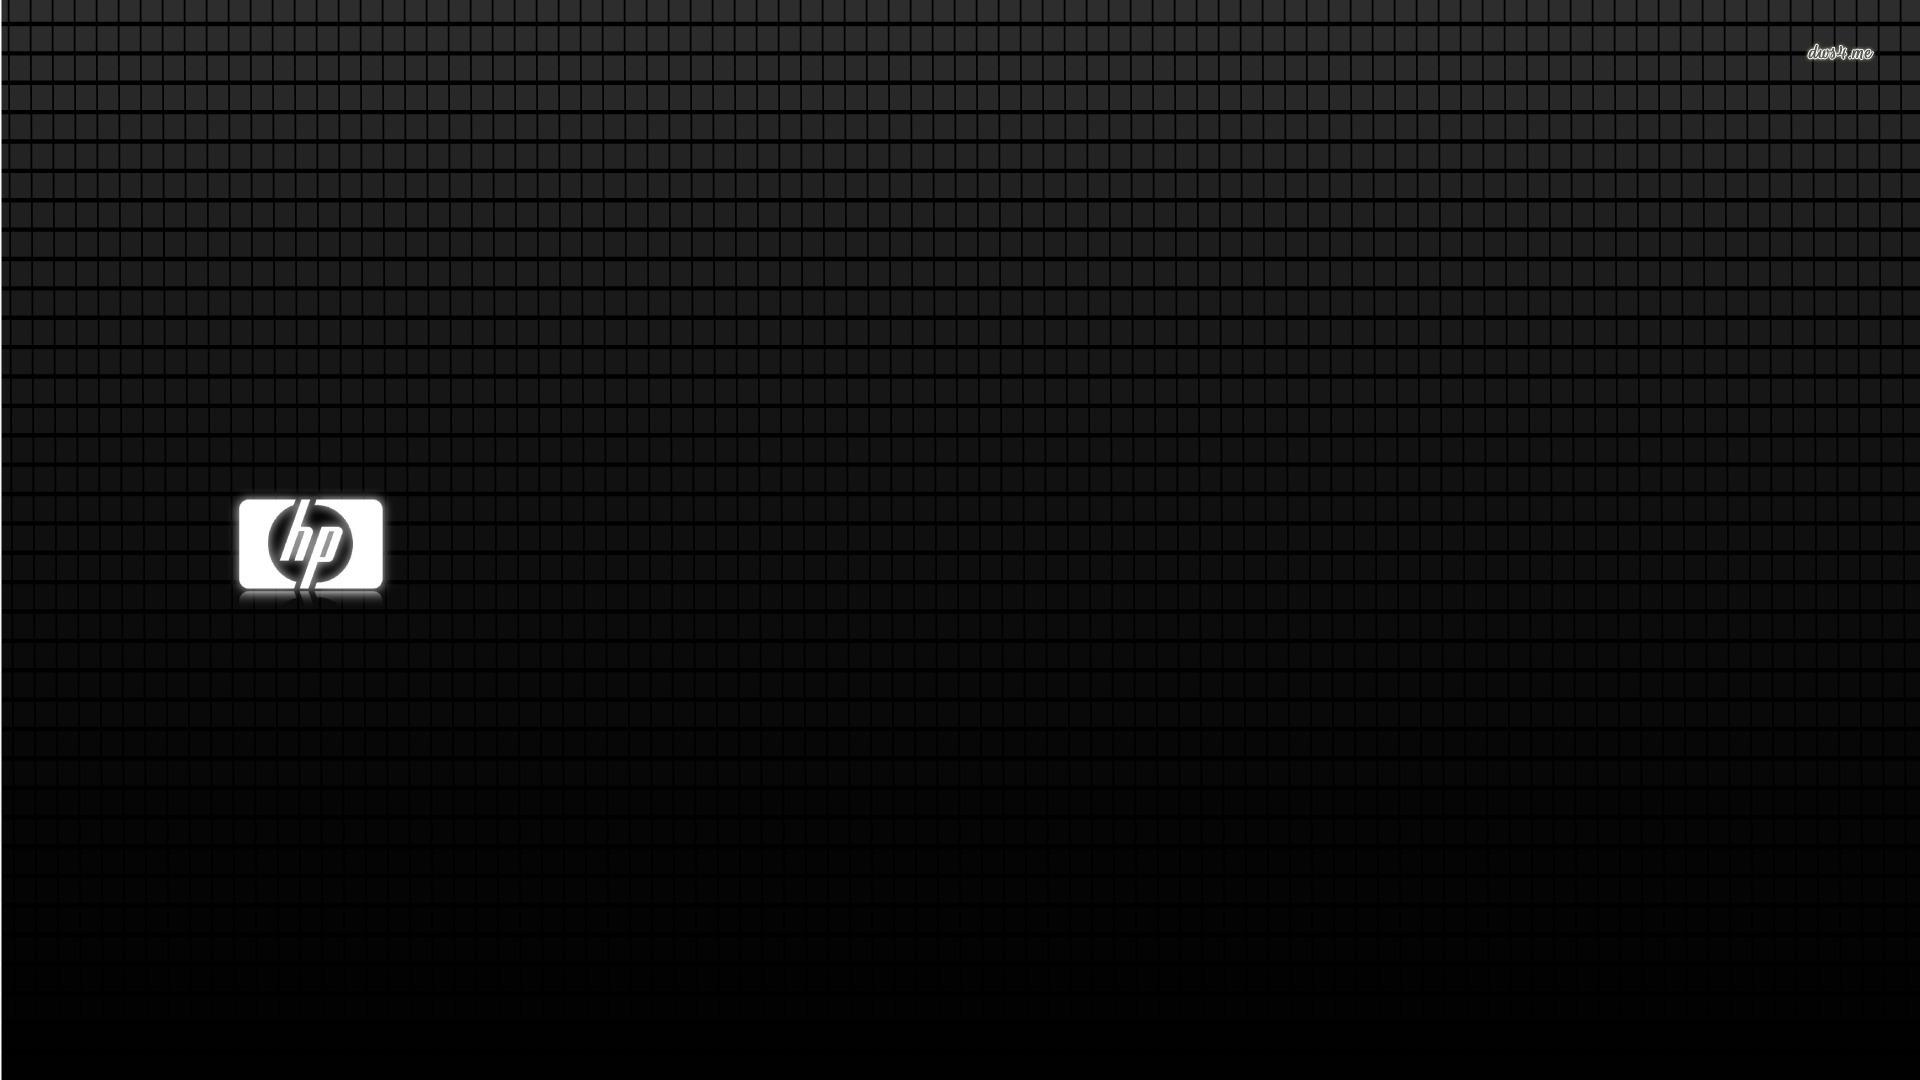 Hewlett Packard Desktop Backgrounds Wallpaper #7027797